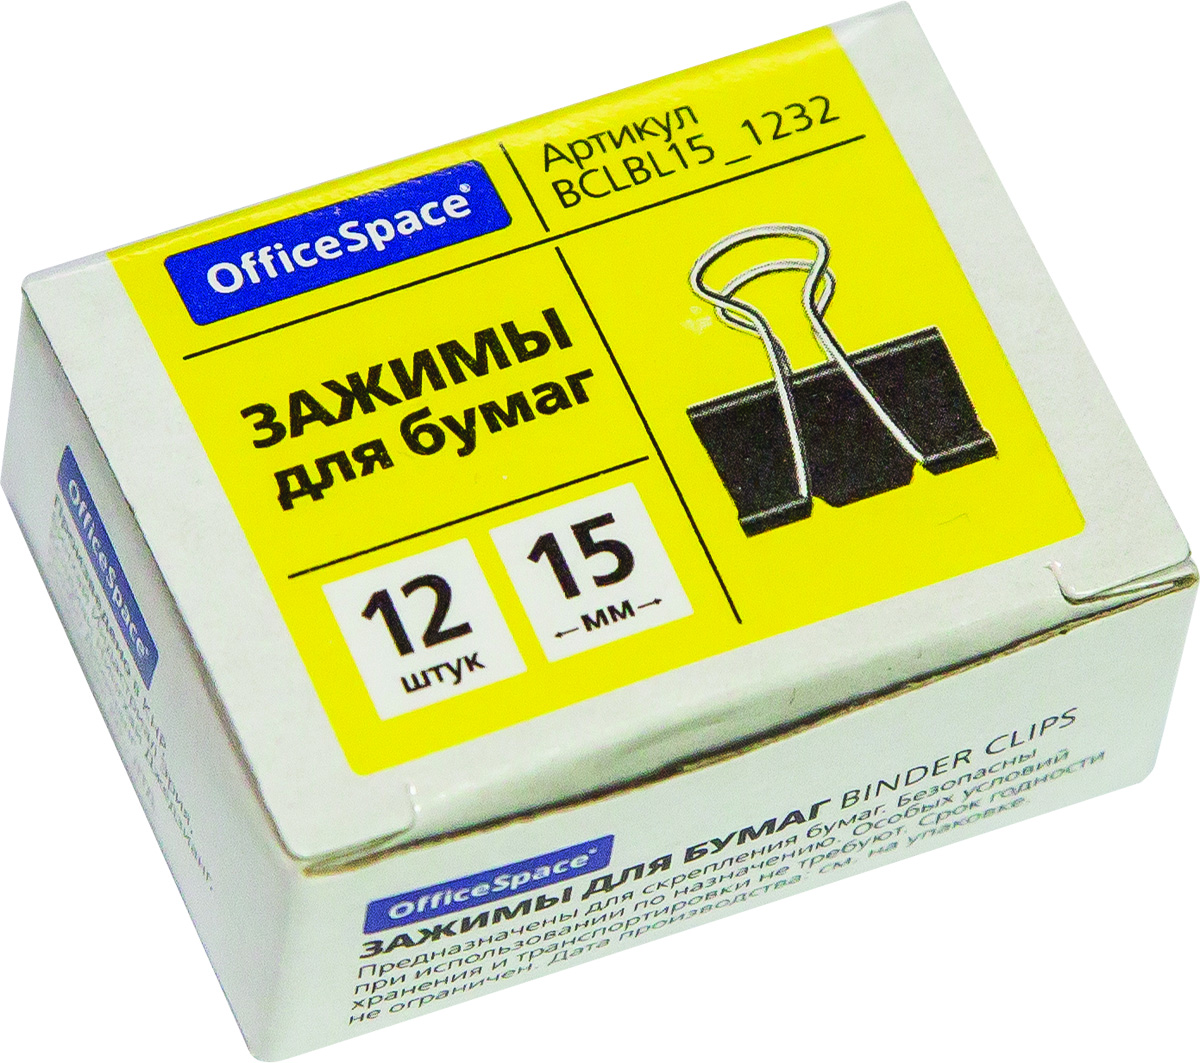 OfficeSpace Зажим для бумаг 15 мм 12 штFS-00103Зажим для бумаг OfficeSpace идеально подойдет для скрепления большого количества листов. Он не царапает, не рвет и не мнет документы.В упаковке 12 зажимов шириной 15 мм.